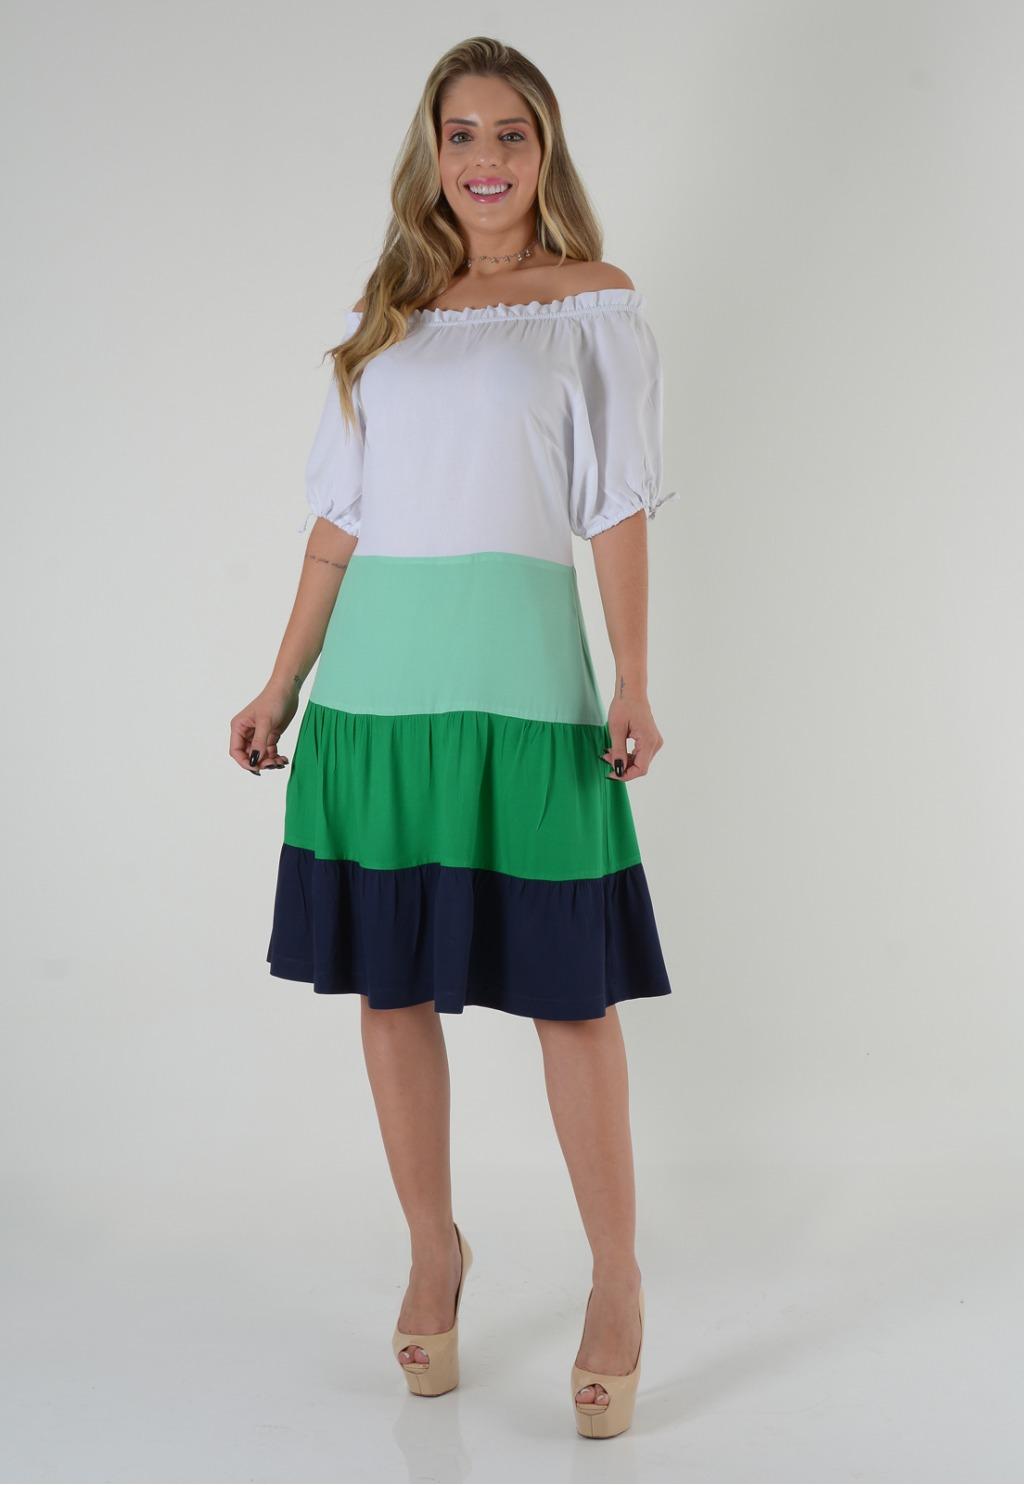 Vestido Mamorena ombro franzido colors